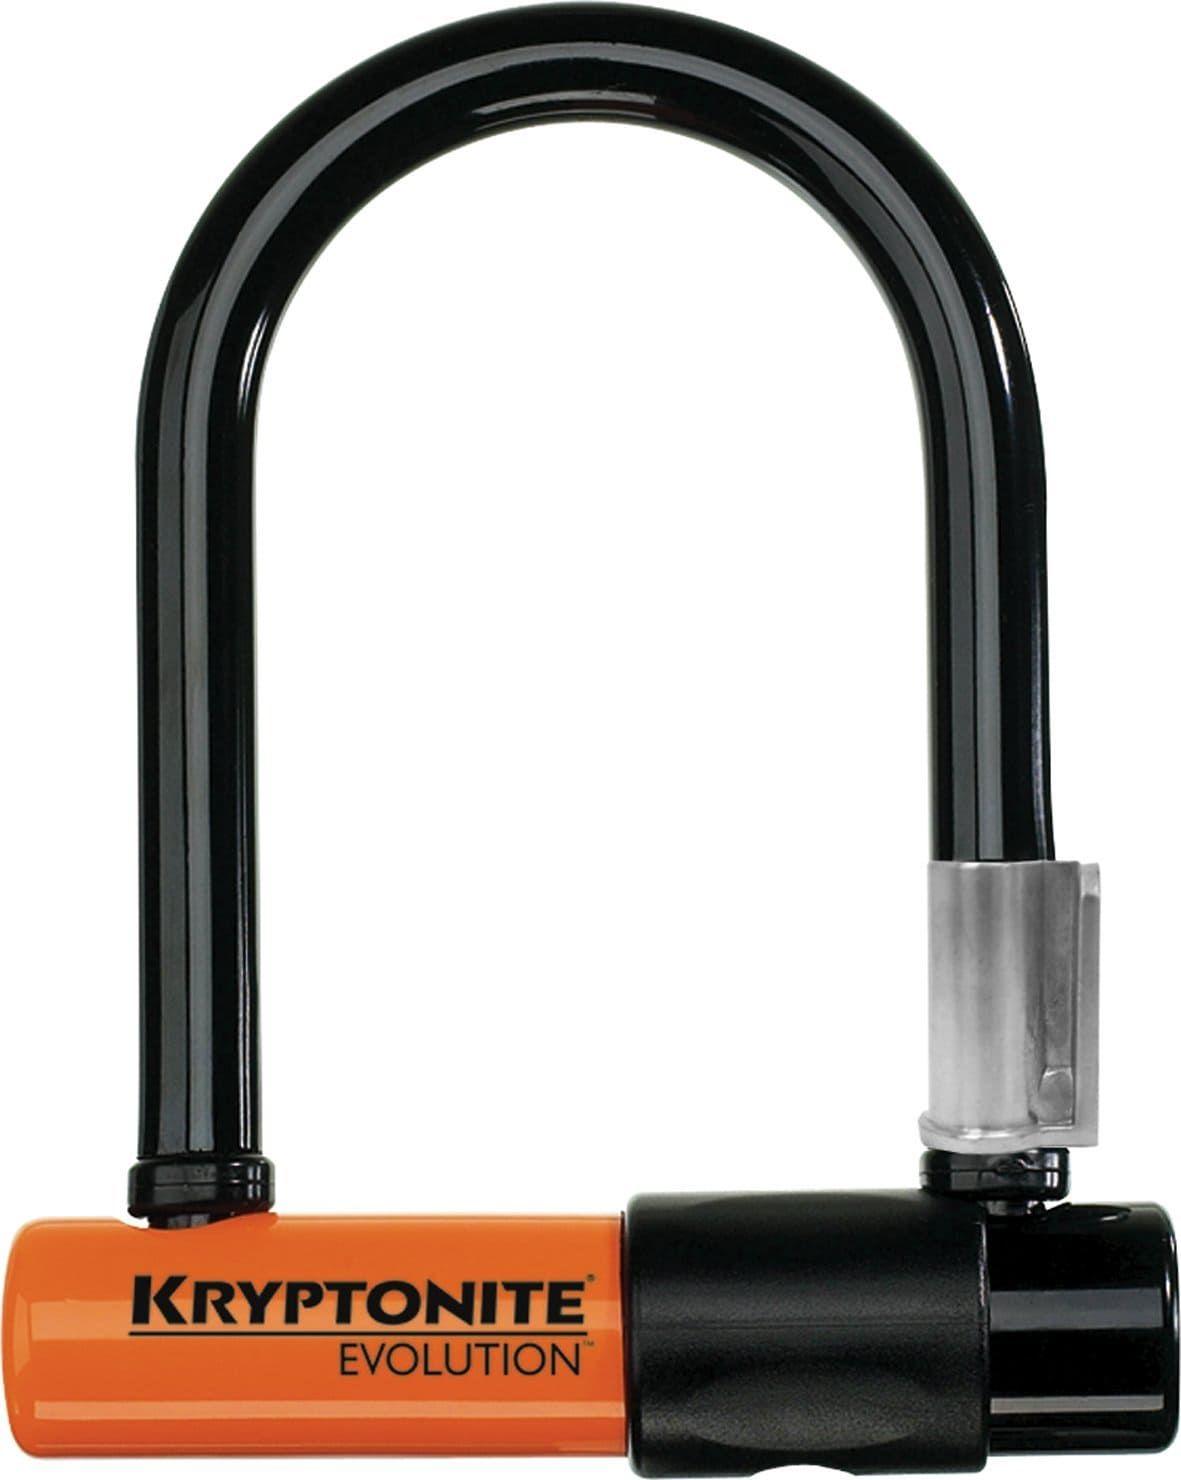 U-Lock Holster for Kryptonite Bicycle Locks